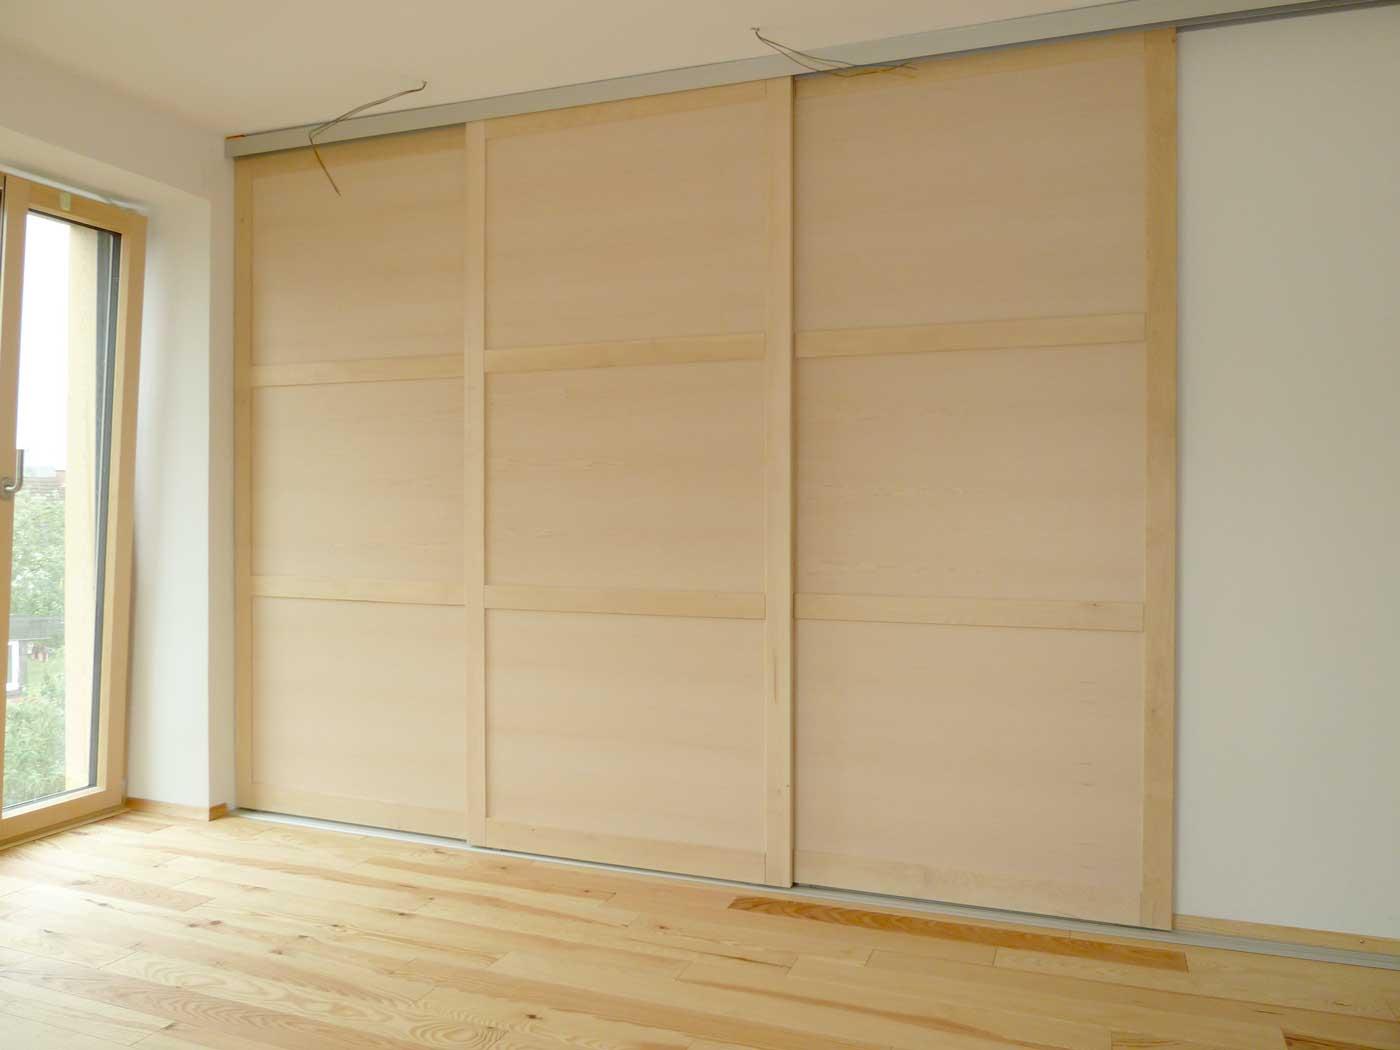 birke multiplex schlafzimmerschrank neue schreinerei. Black Bedroom Furniture Sets. Home Design Ideas